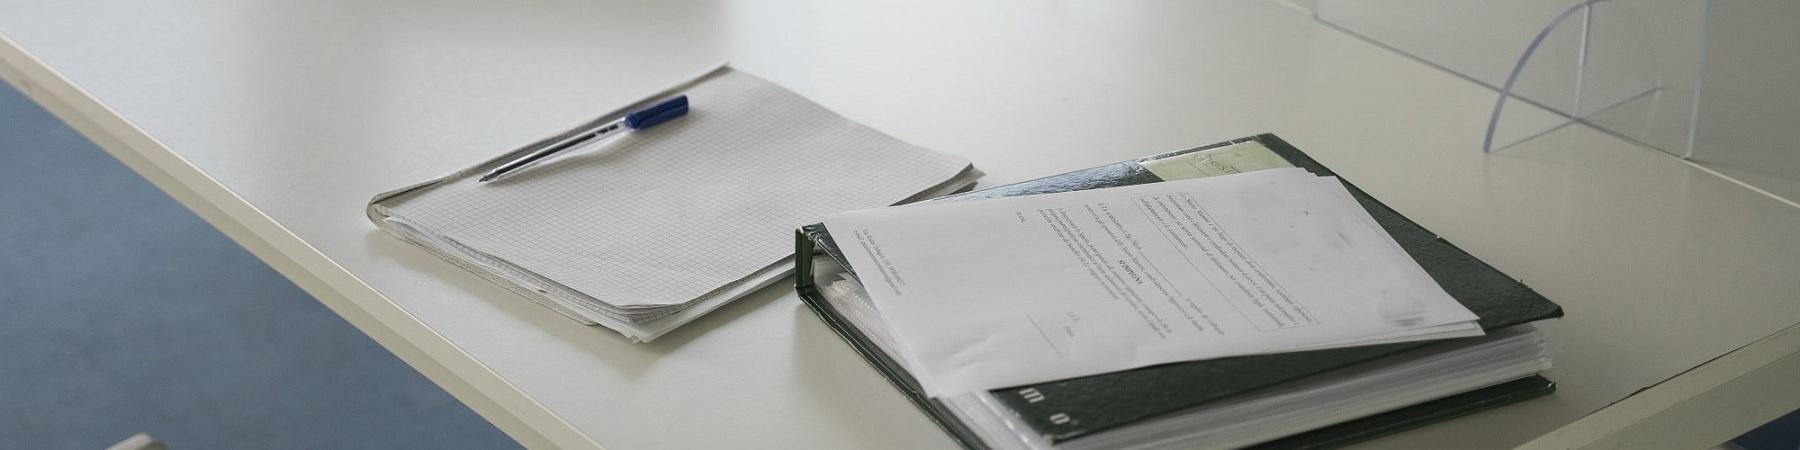 tavolino bianco con divisorio in plexiglass con sopra schedario, penna, un lap top e alcuni fogli